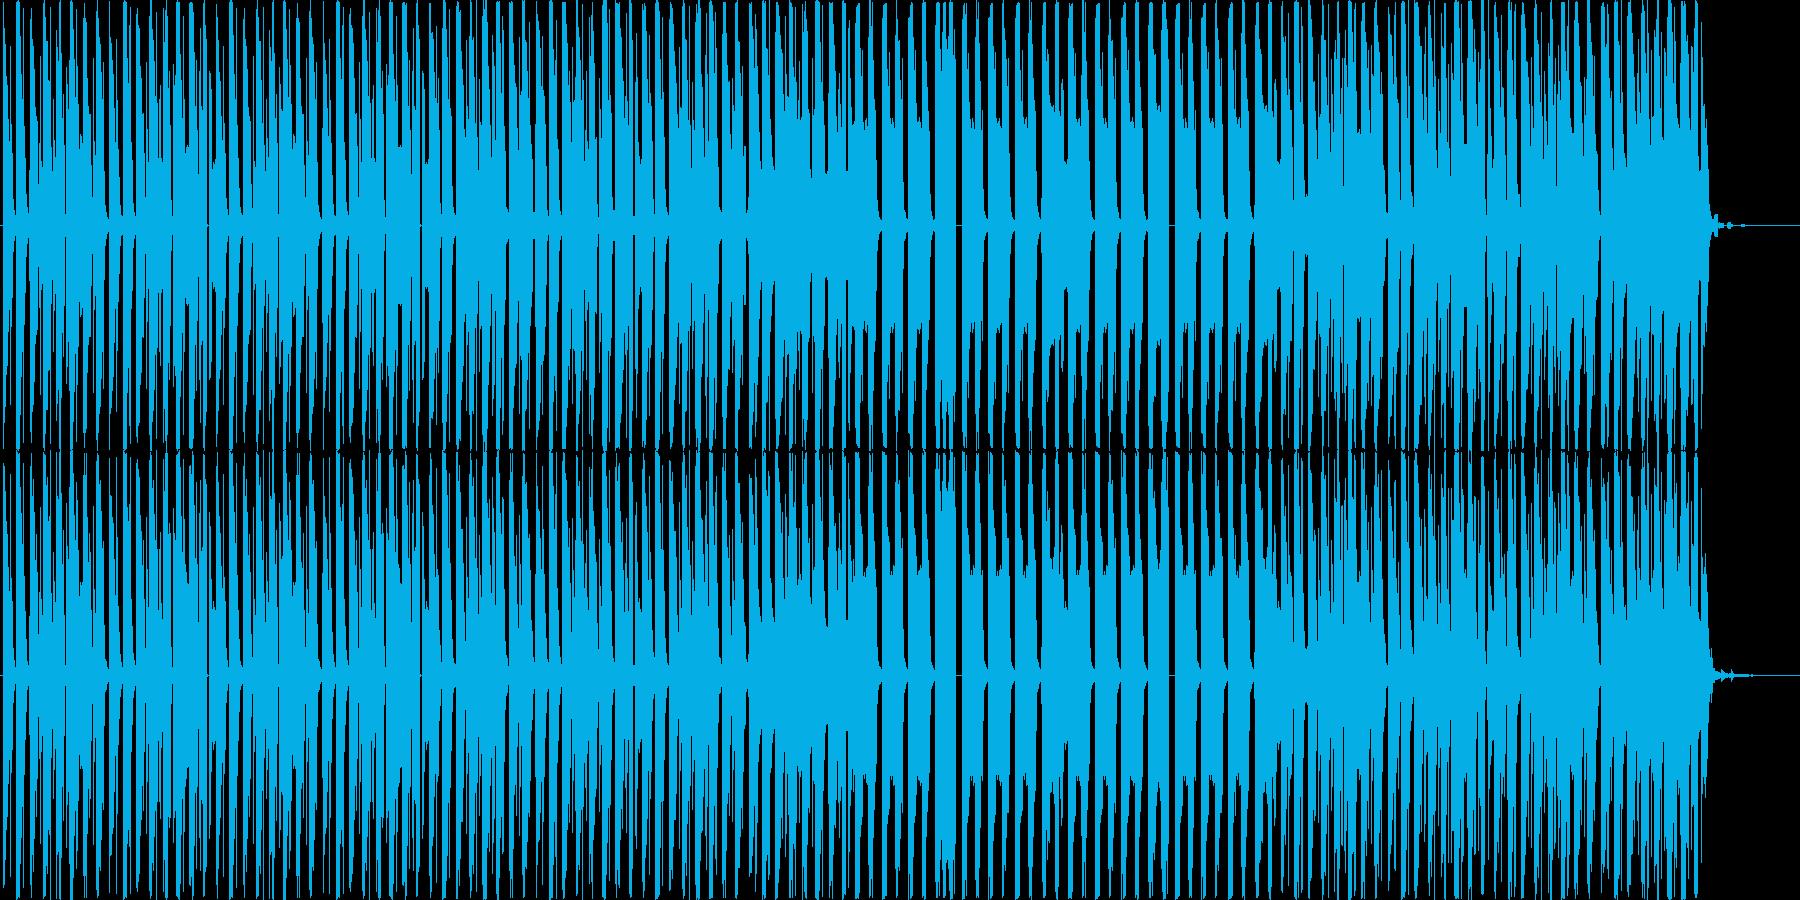 ロボットがダンスするようなエレクトロの再生済みの波形